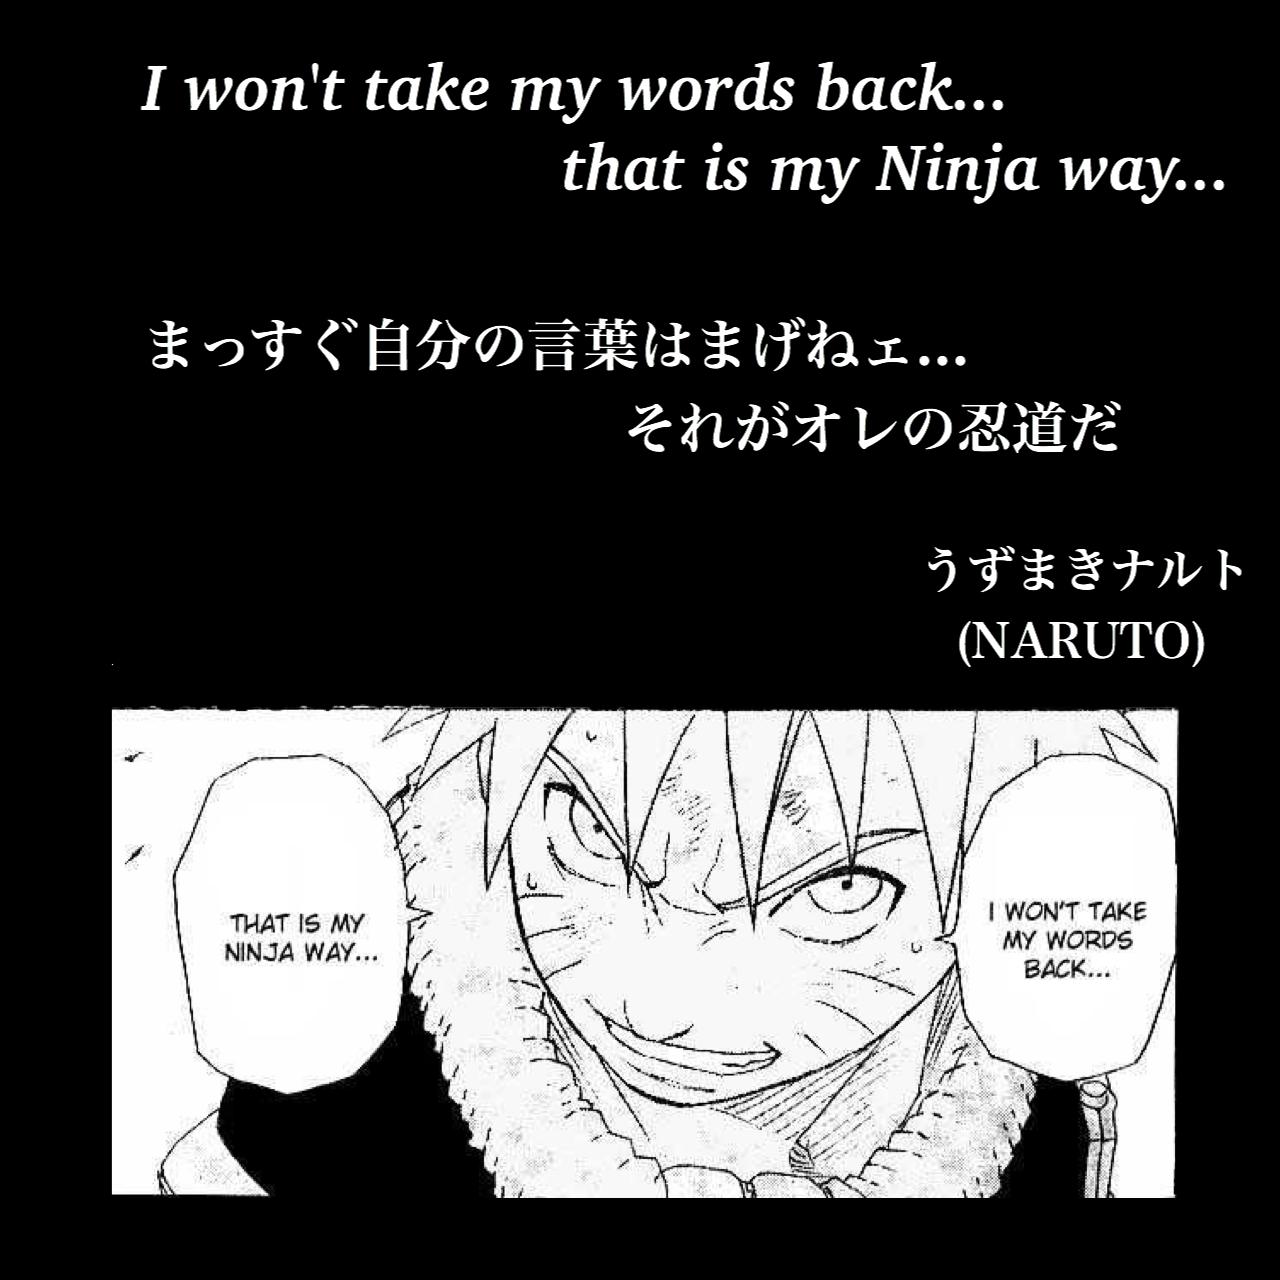 まっすぐ自分の言葉はまげねェ...それが俺の忍道だ / うずまきナルト(NARUTO)